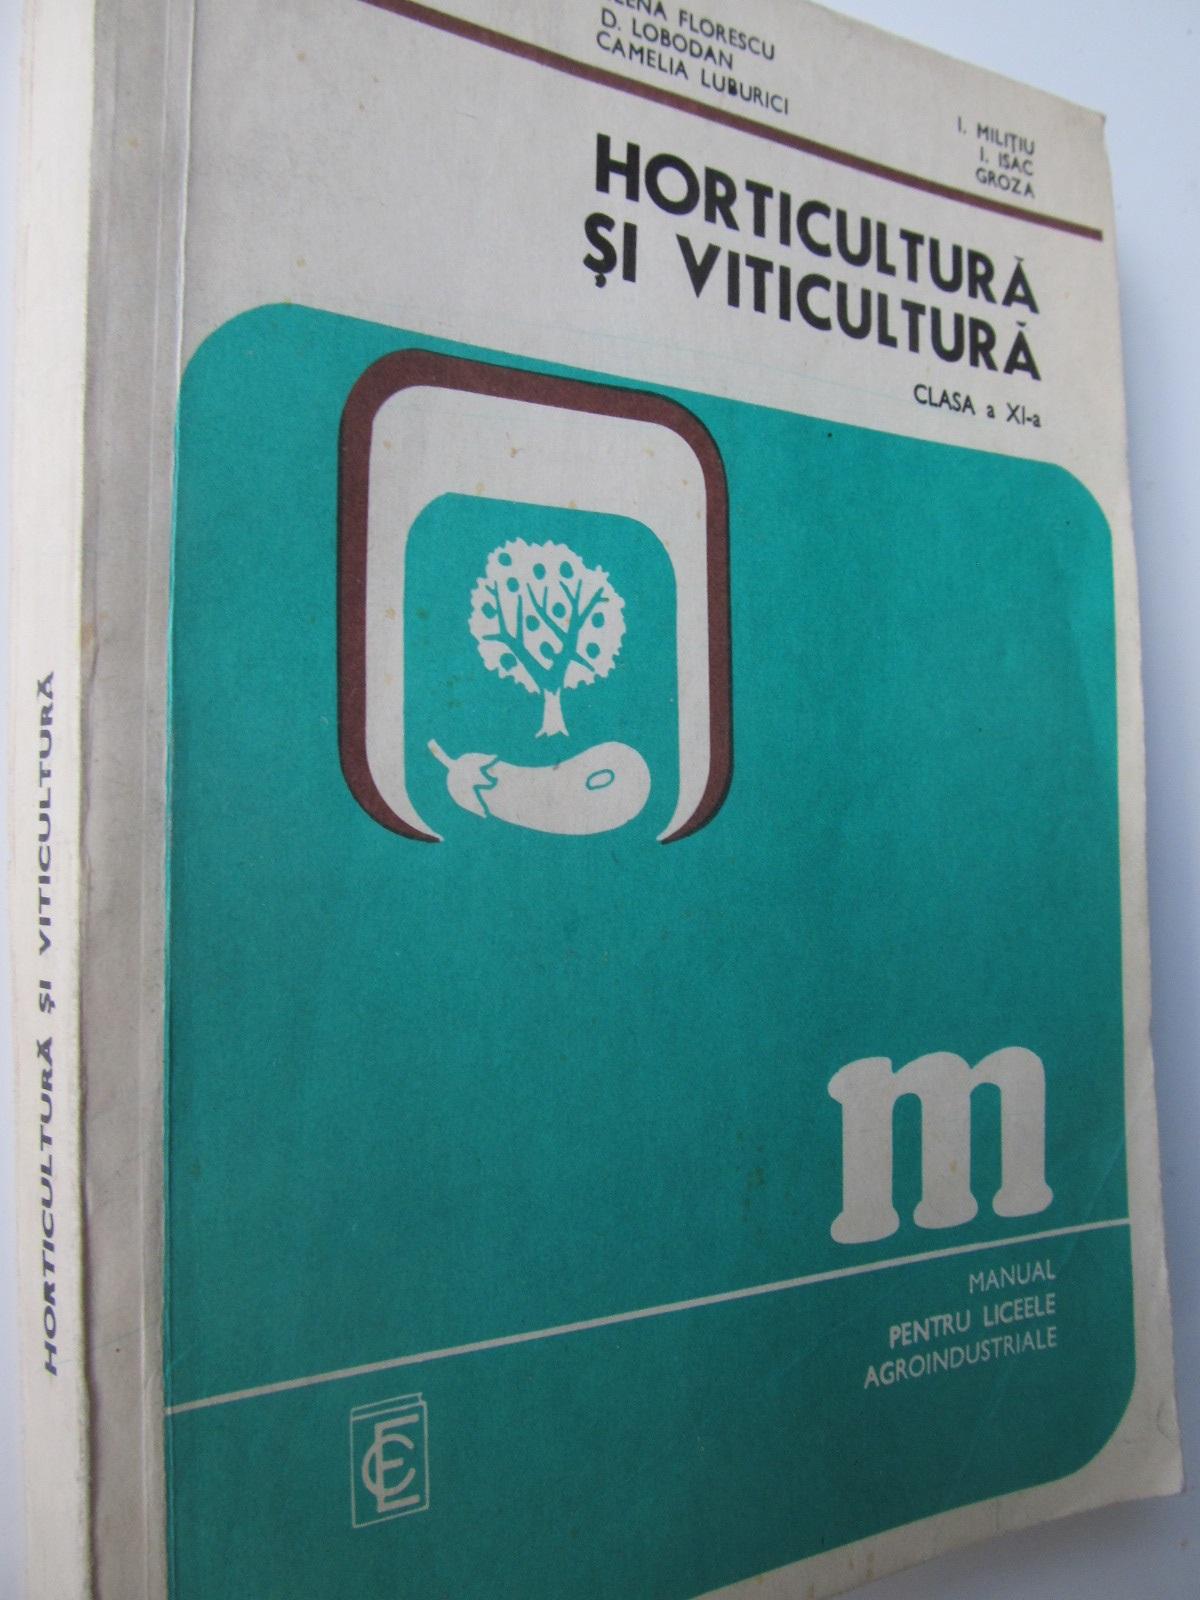 Horticultura si viticultura -  Manual pt. liceele agroindustriale , Cl.  a XI-a - Elena Florescu , D. Lobodan , ... | Detalii carte